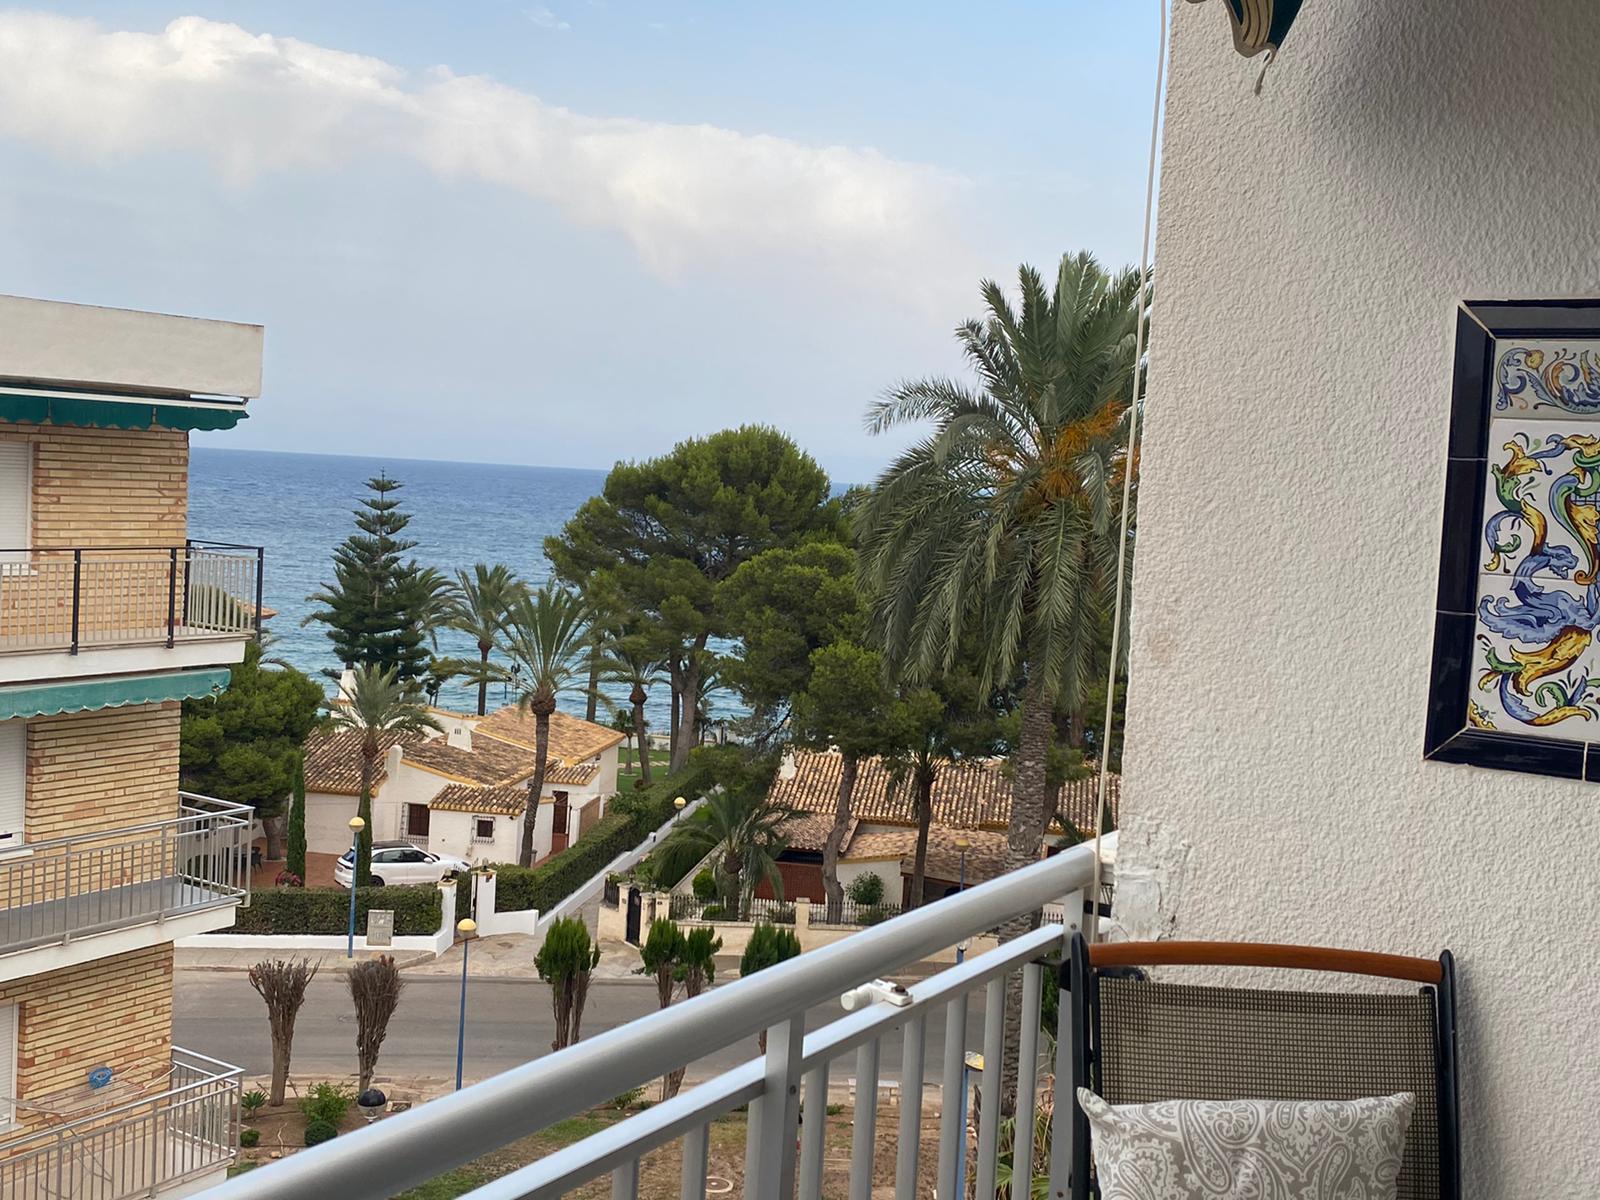 Piso de 2 dormitorios, terraza con vistas al mar a menos de 100 metros de la playa